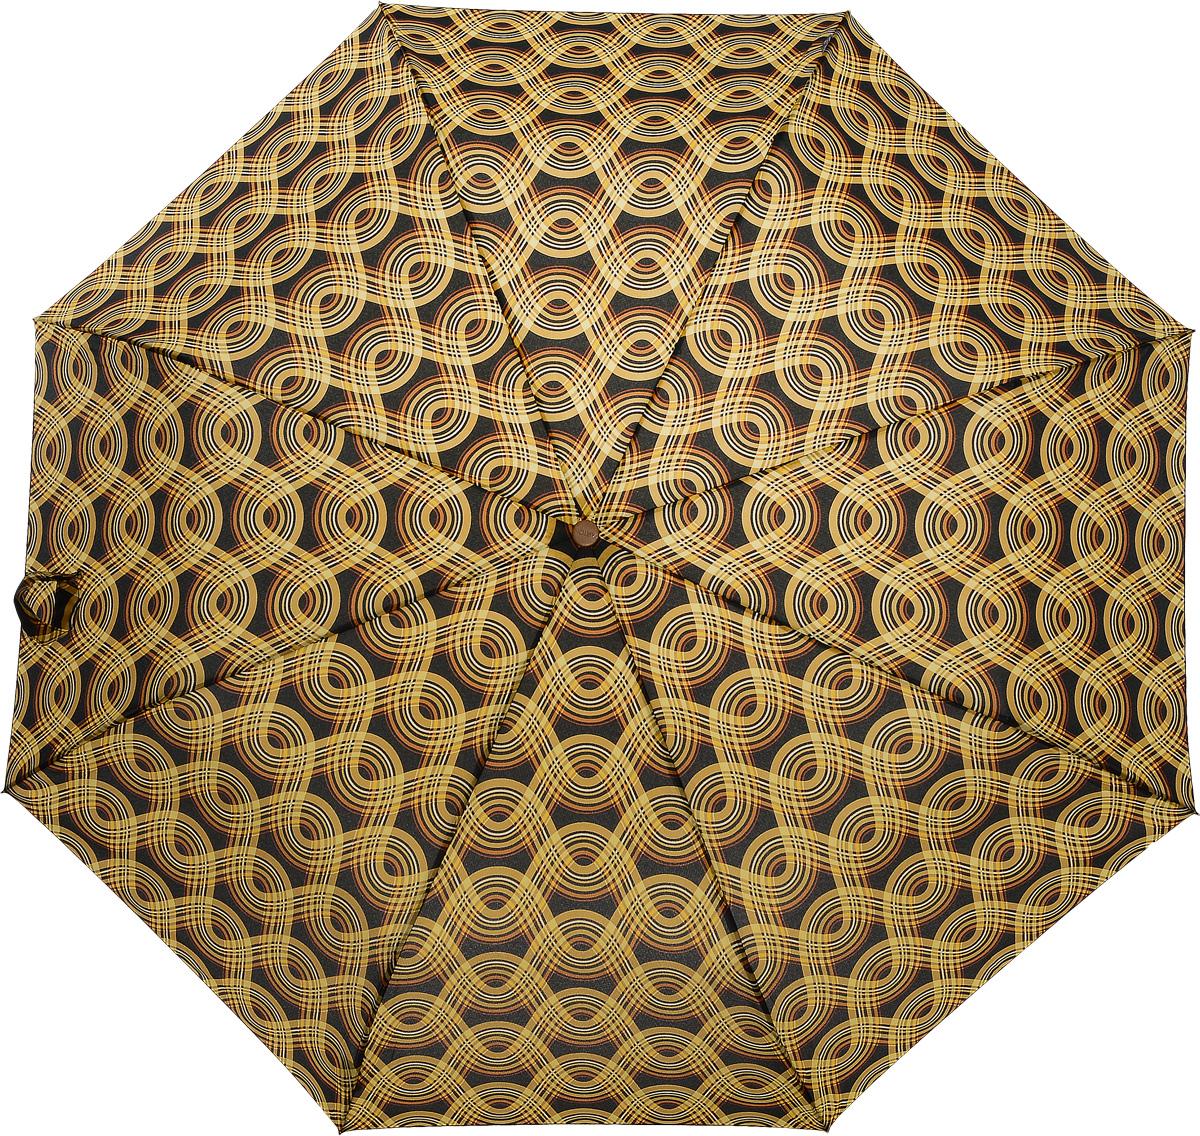 Зонт женский Airton, механический, 3 сложения, цвет: черный, оранжевый. 3535-1463535-146Классический женский зонт в 3 сложения с механической системой открытия и закрытия. Удобная ручка выполнена из натурального дерева. Модель зонта выполнена в стандартном размере, оснащена системой Антиветер. Этот стильный аксессуар поместится практически в любую женскую сумочку благодаря своим небольшим размерам.